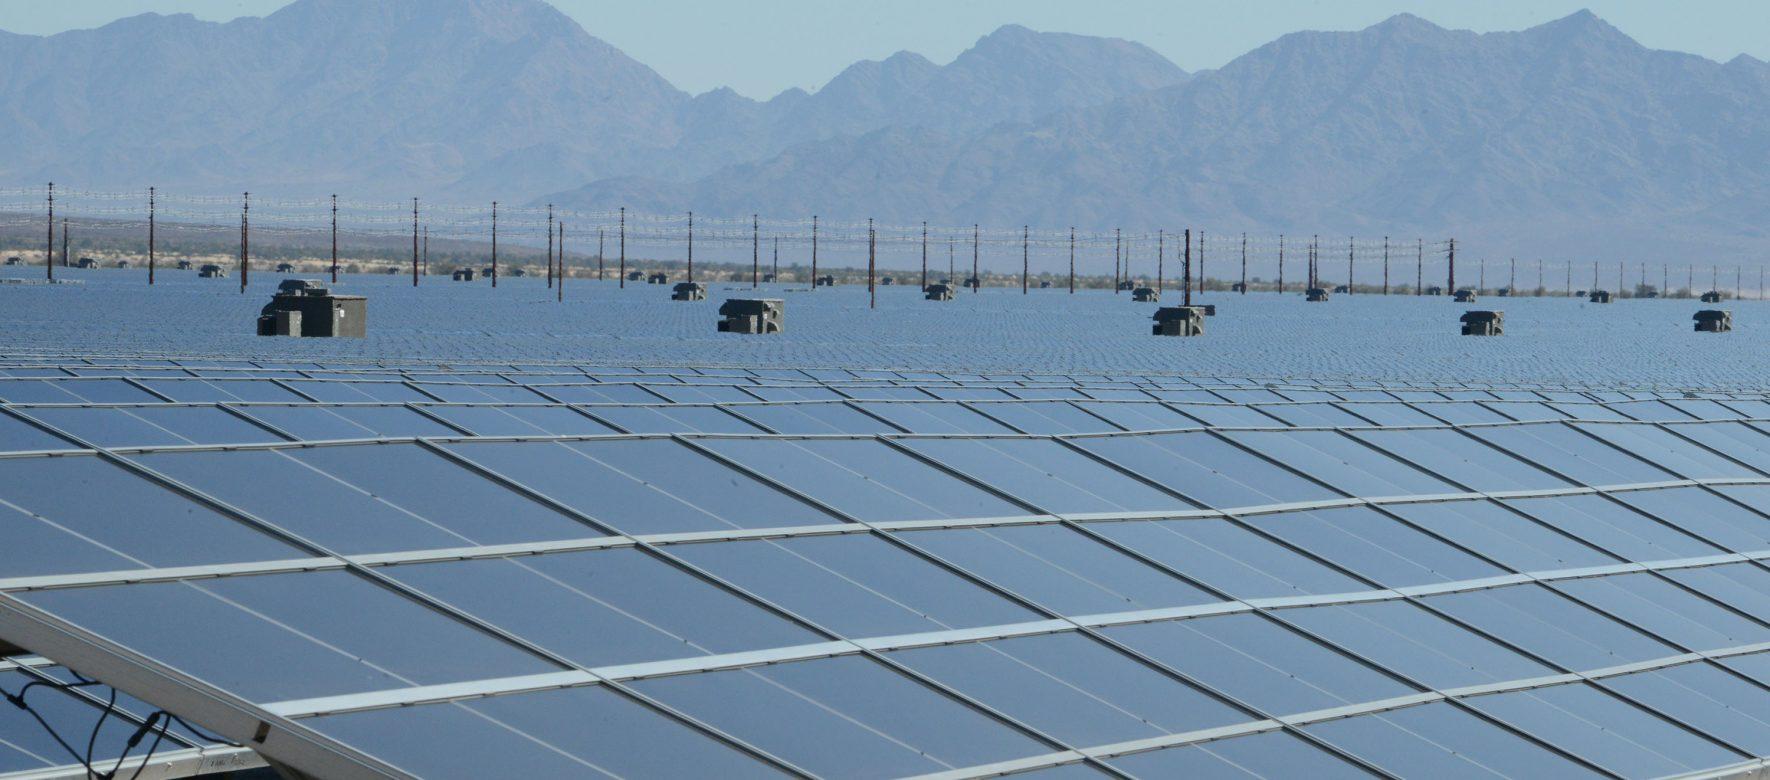 L'Algérie veut développer sa production d'énergie solaire à grande échelle avec l'aide de l'Allemagne